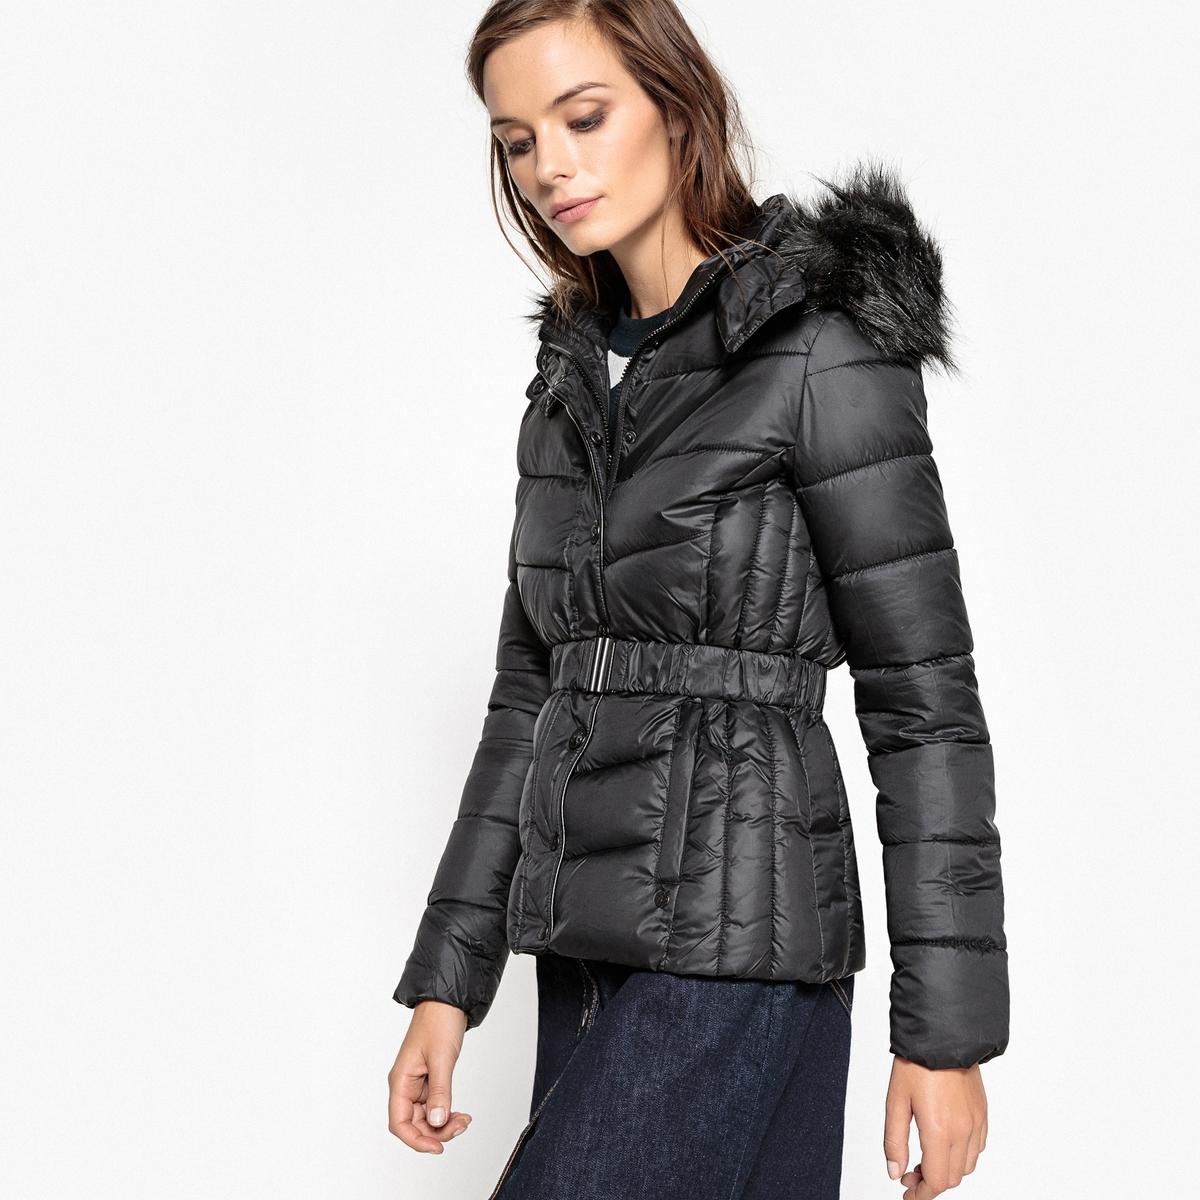 Куртка стеганая с капюшоном BodyКуртка стеганая Body от KAPORAL в сочетании с ремешком выглядит очень женственно . Эта стеганая куртка на молнии с капюшоном эффективно защитит вас от зимних морозов .Детали •  Длина : средняя •  Капюшон •  Застежка на молнию •  С капюшономСостав и уход  •  Следуйте советам по уходу, указанным на этикетке<br><br>Цвет: черный<br>Размер: L.M